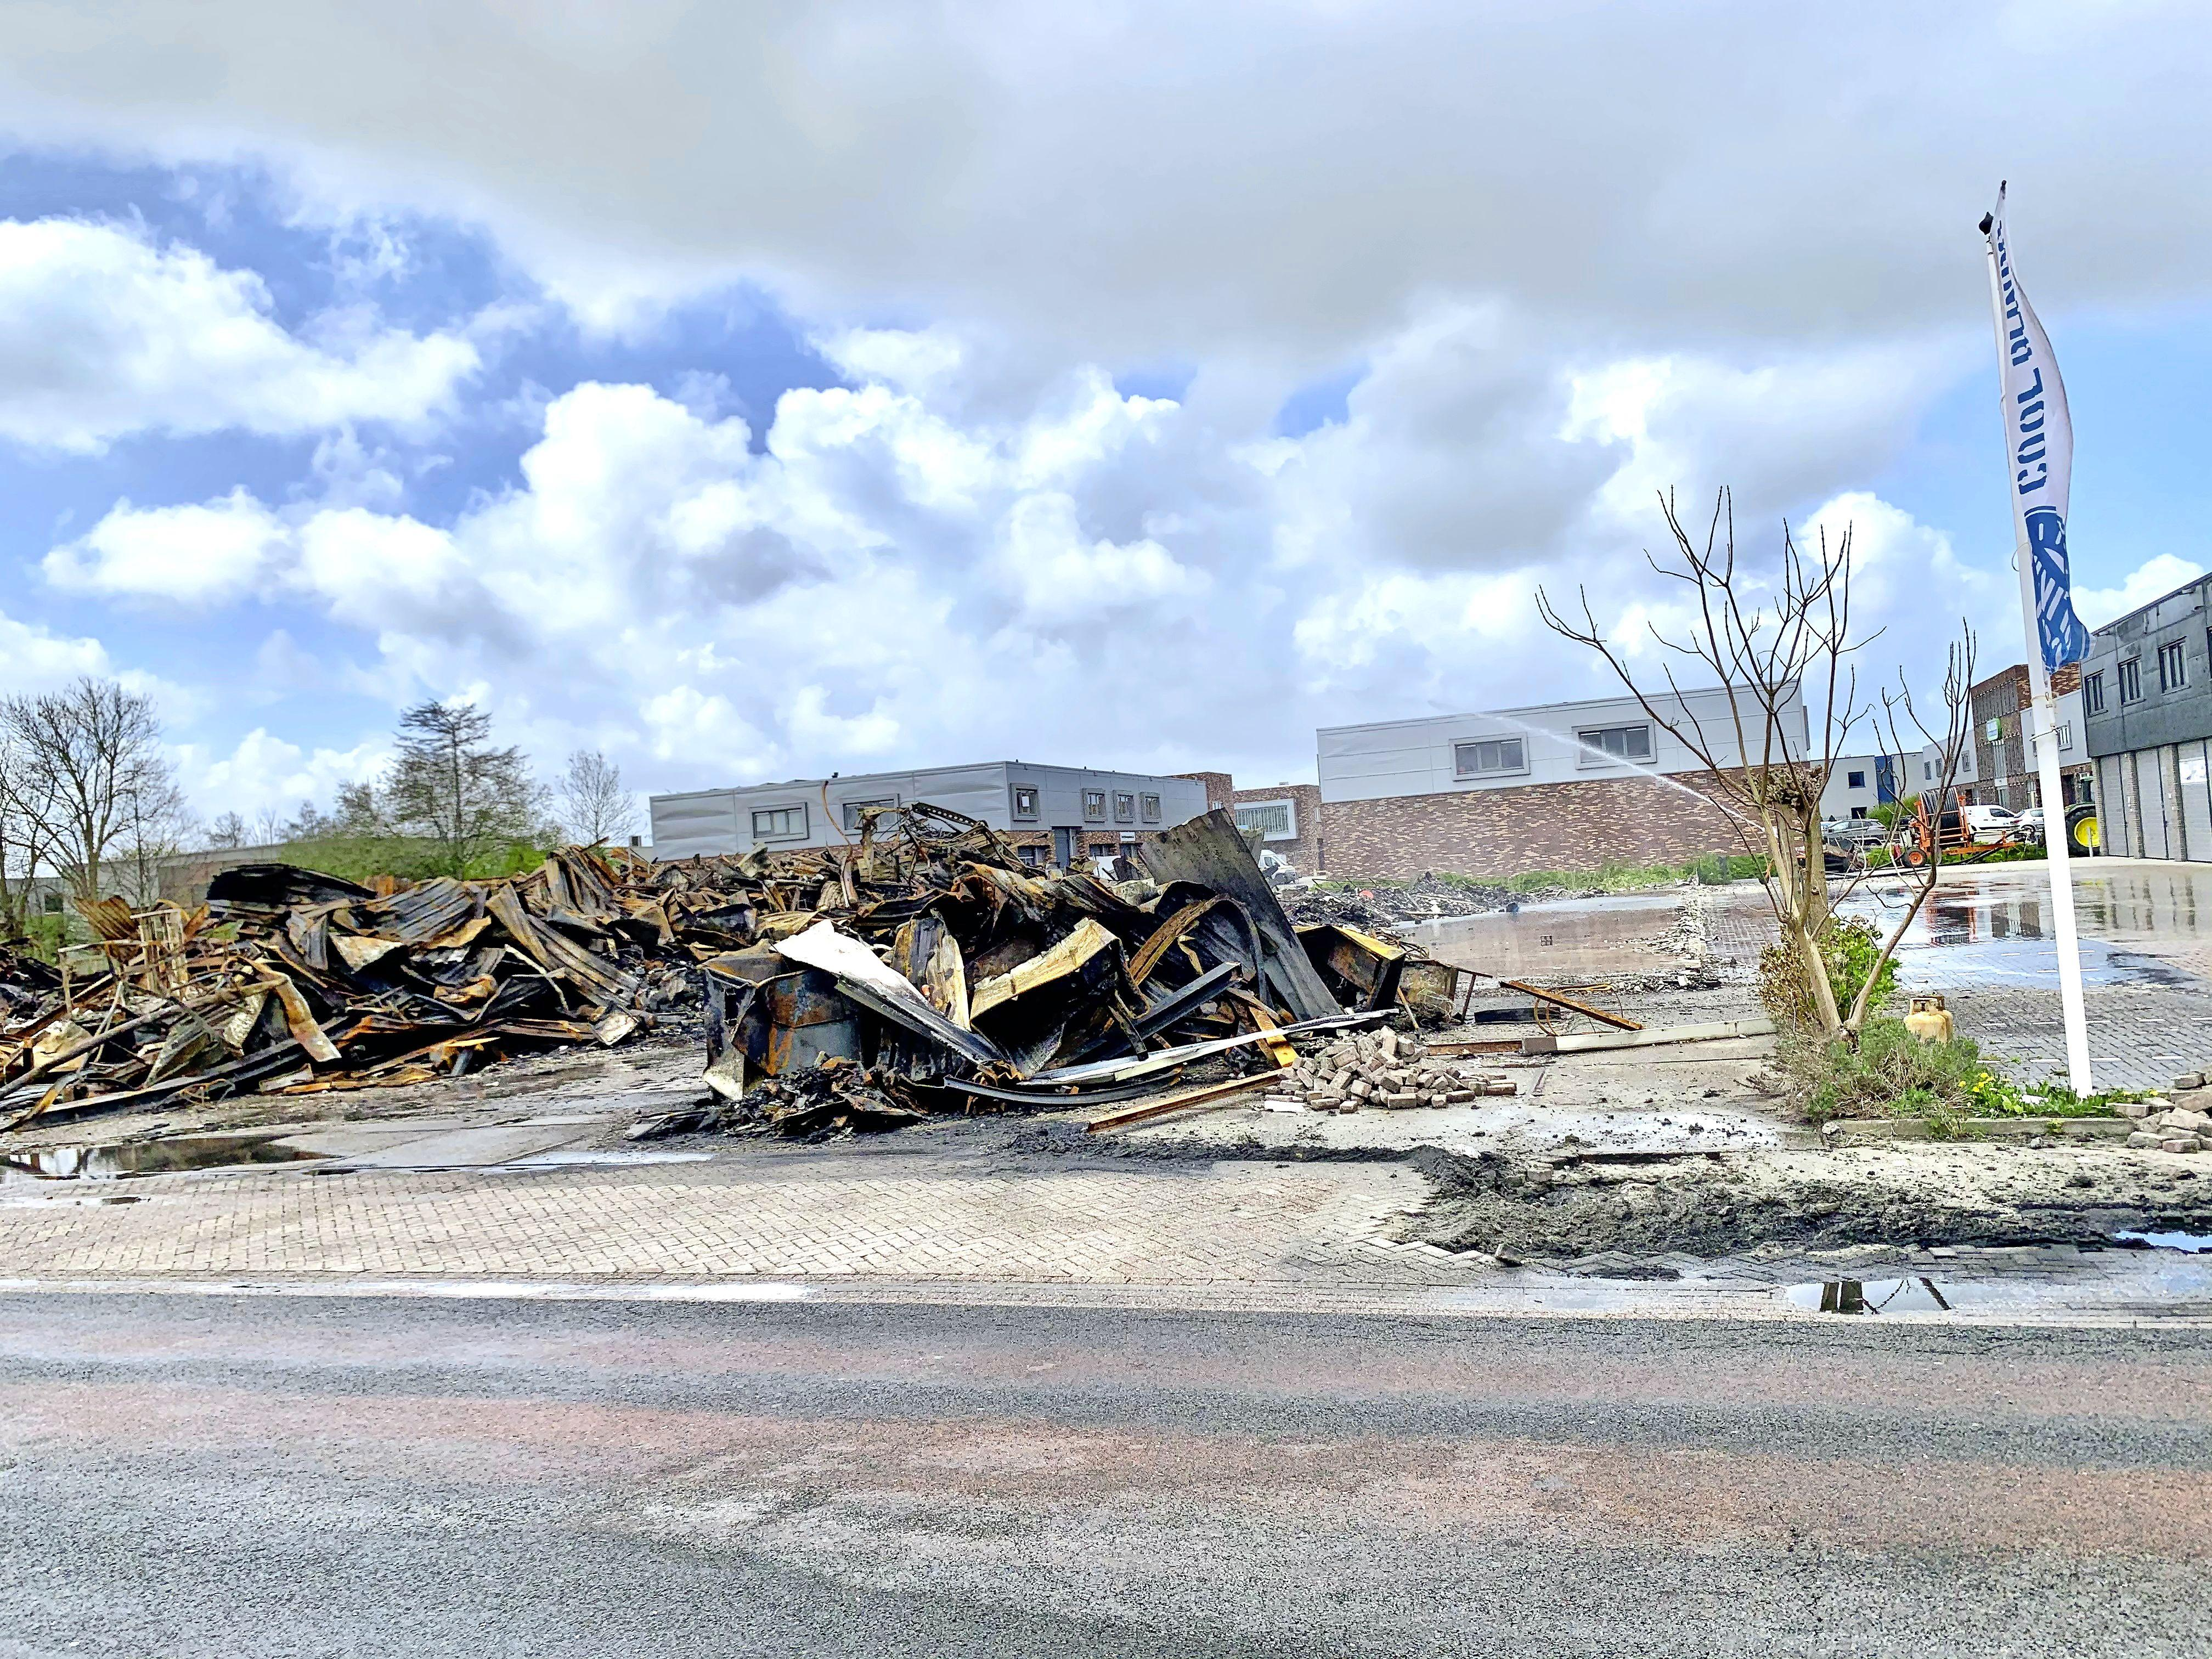 Onderzoek naar brandveiligheid van getroffen panden Langedijk. Huurder raakte heftruck en voor duizenden euro's aan gereedschappen kwijt. 'Maar we bestaan nog!'